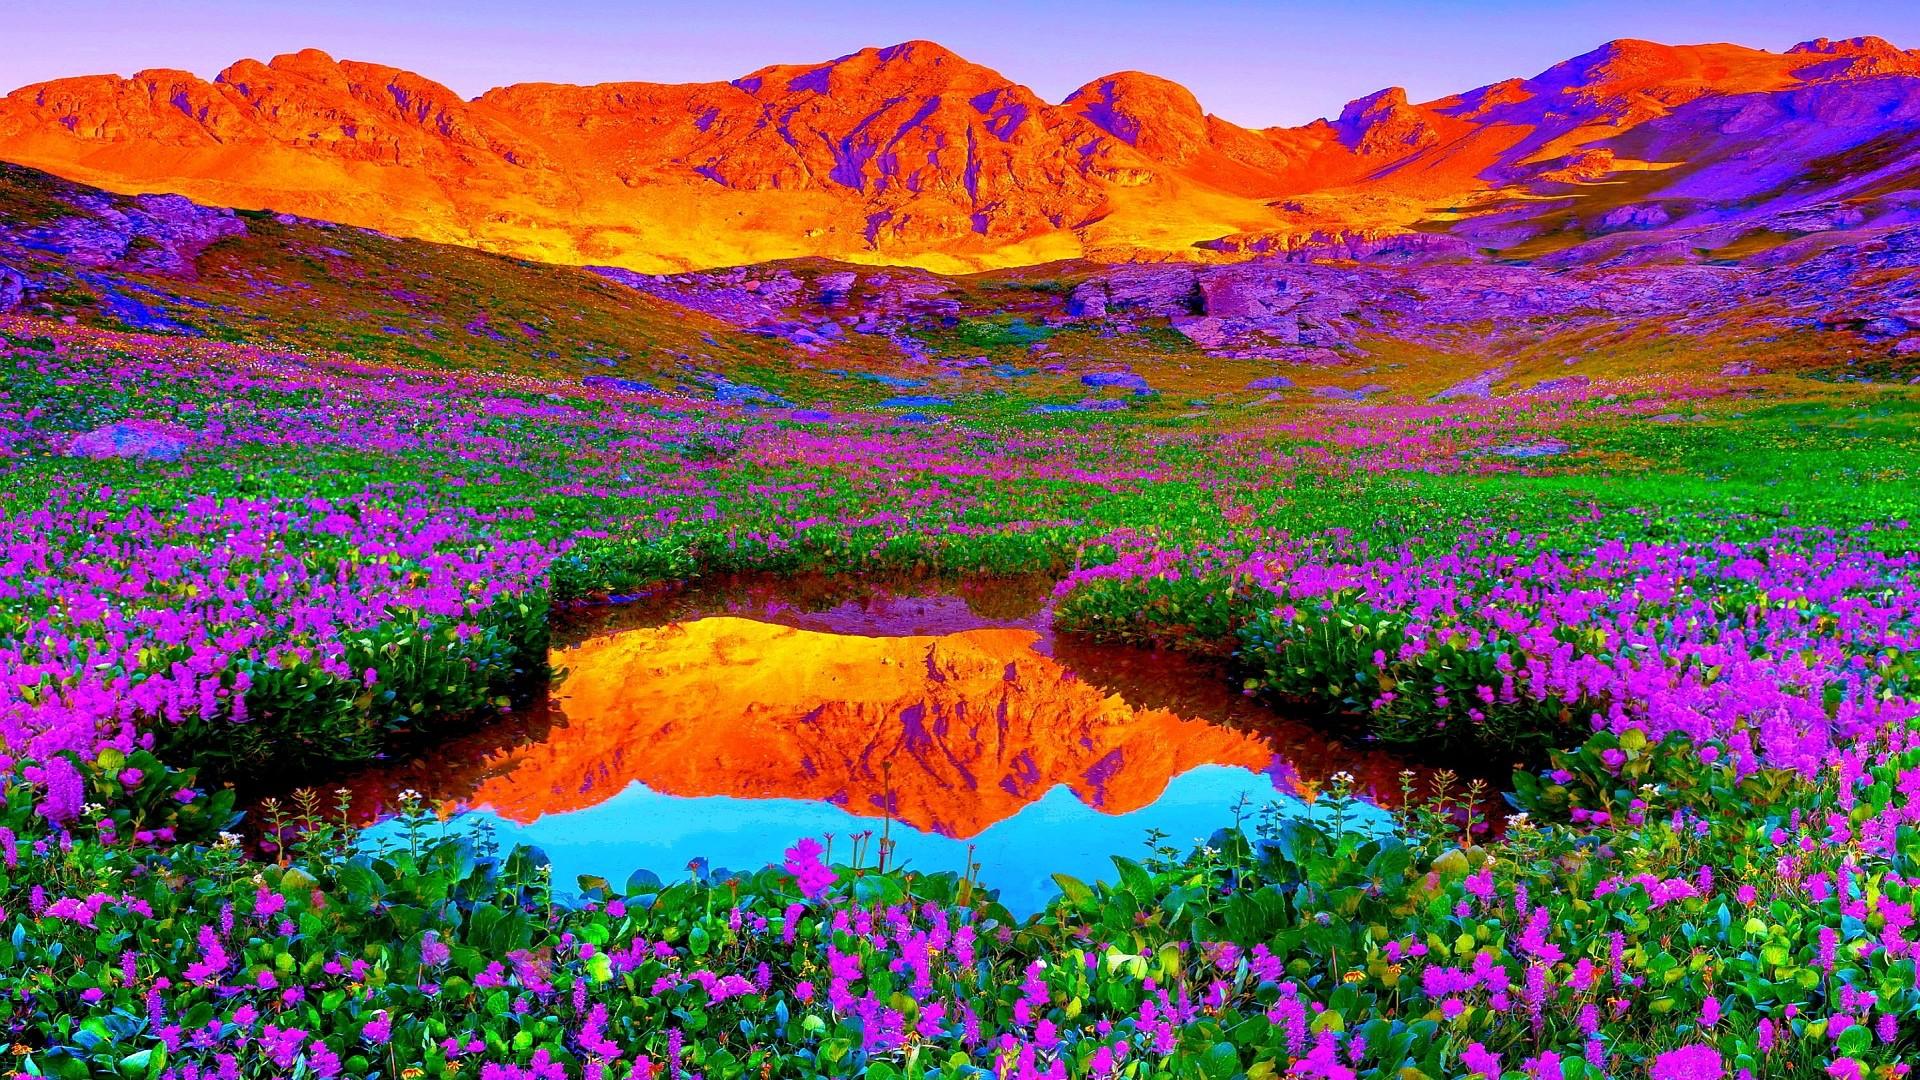 Brilliant Colors Of Nature HD Desktop Background - wallpaper21.com